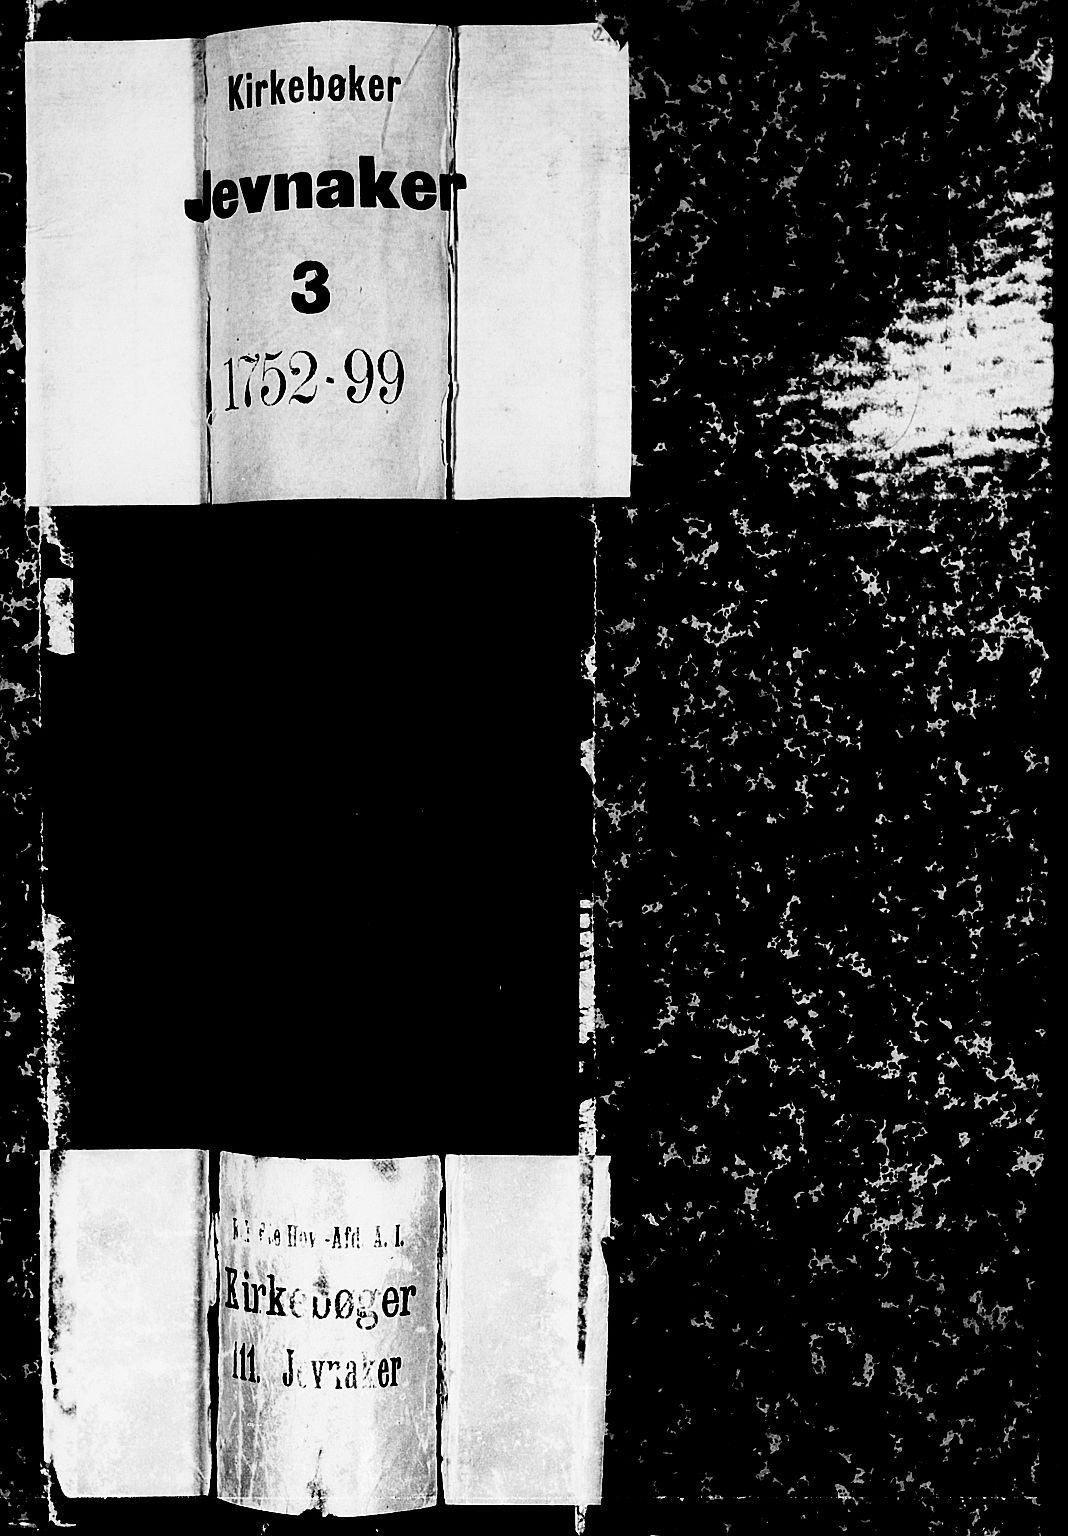 SAH, Jevnaker prestekontor, Ministerialbok nr. 3, 1752-1799